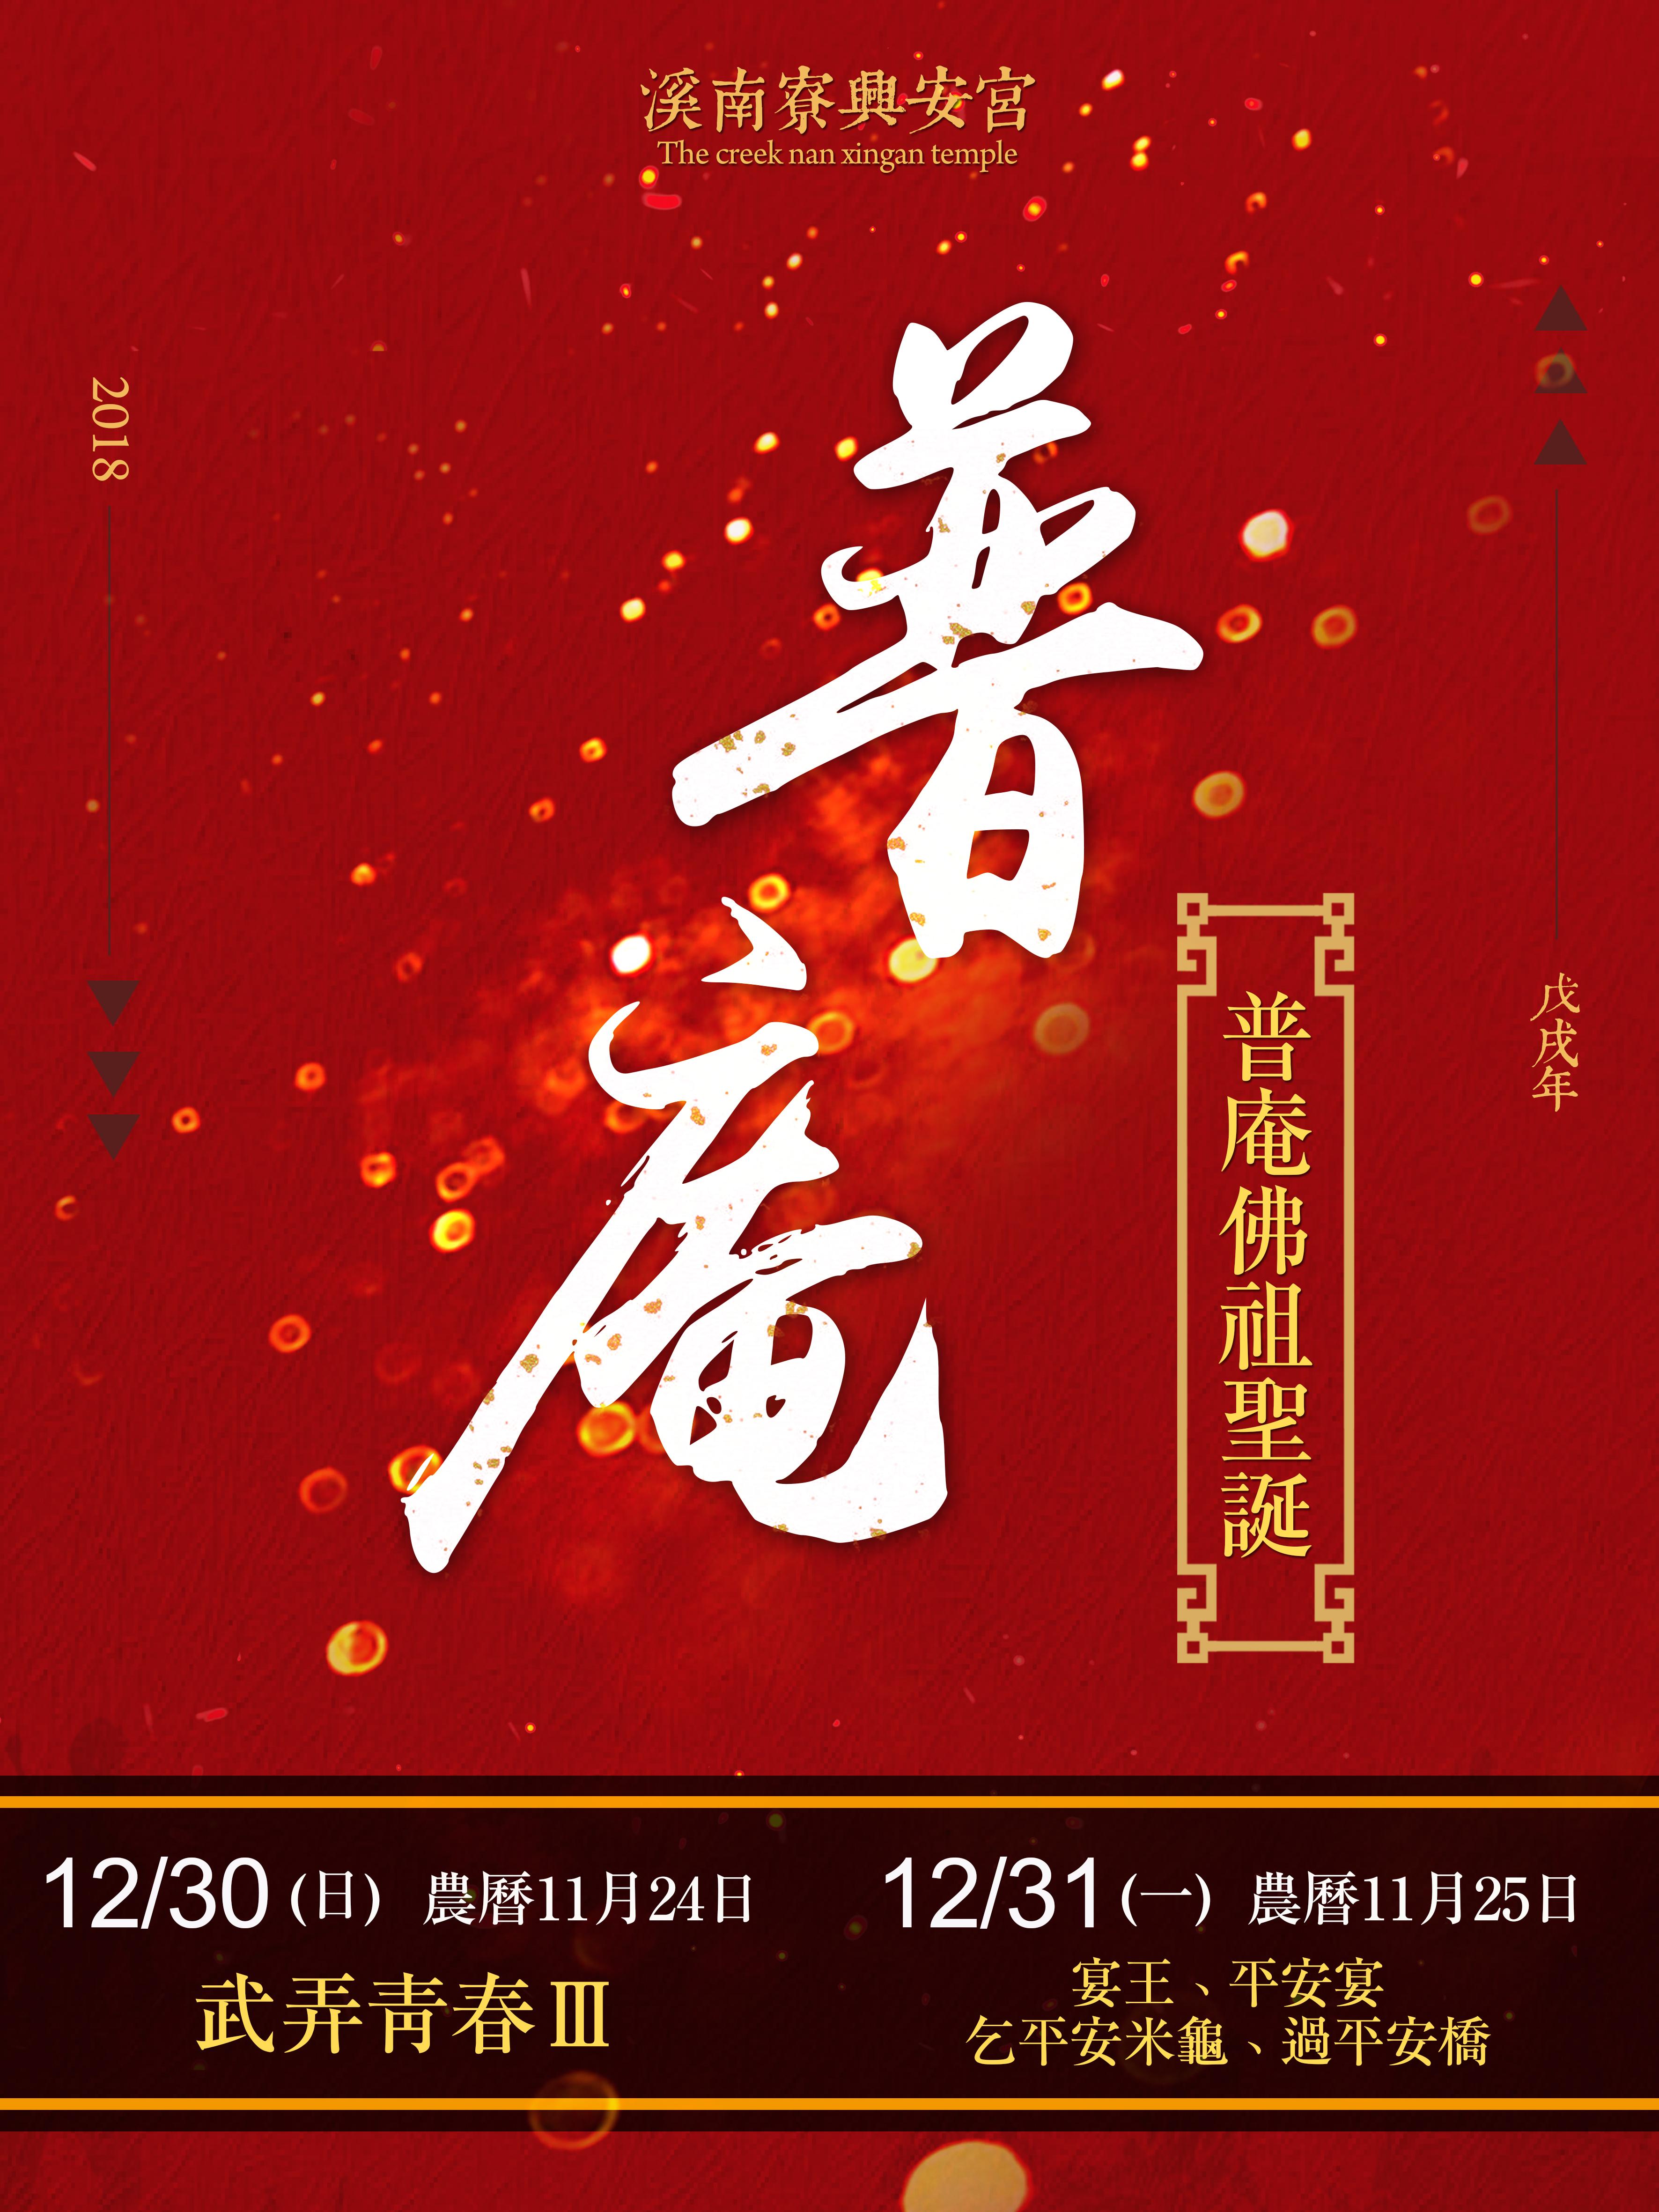 普庵佛祖聖誕海報2